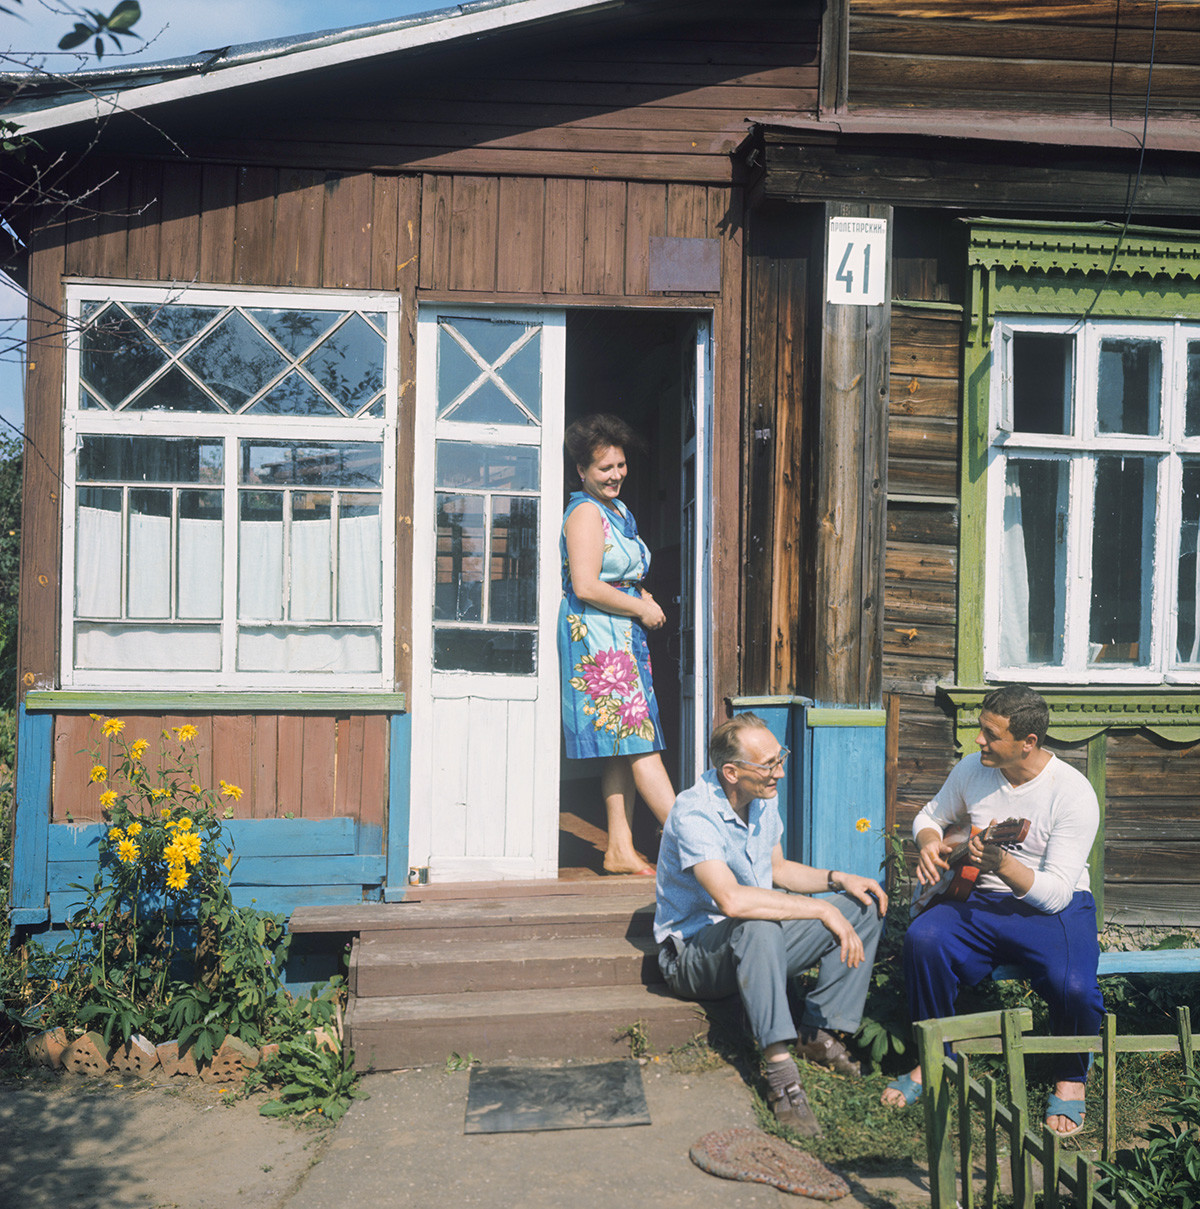 Le cosmonaute soviétique Vladislav Volkov dans sa datcha avec sa femme et son beau-père